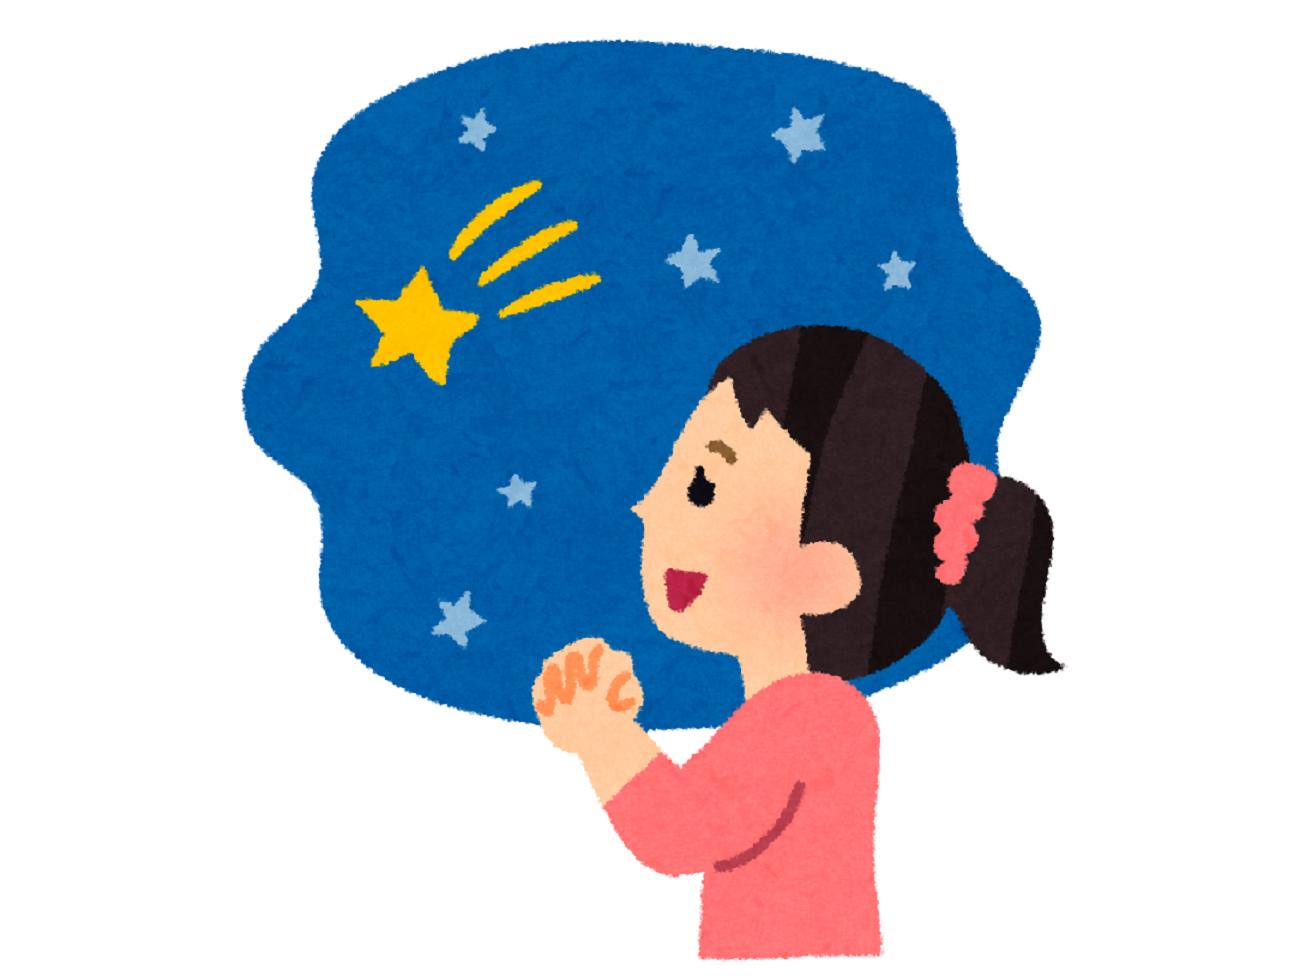 人工流れ星が観れるのはいつ?大きさや時間はどれくらいなのか?